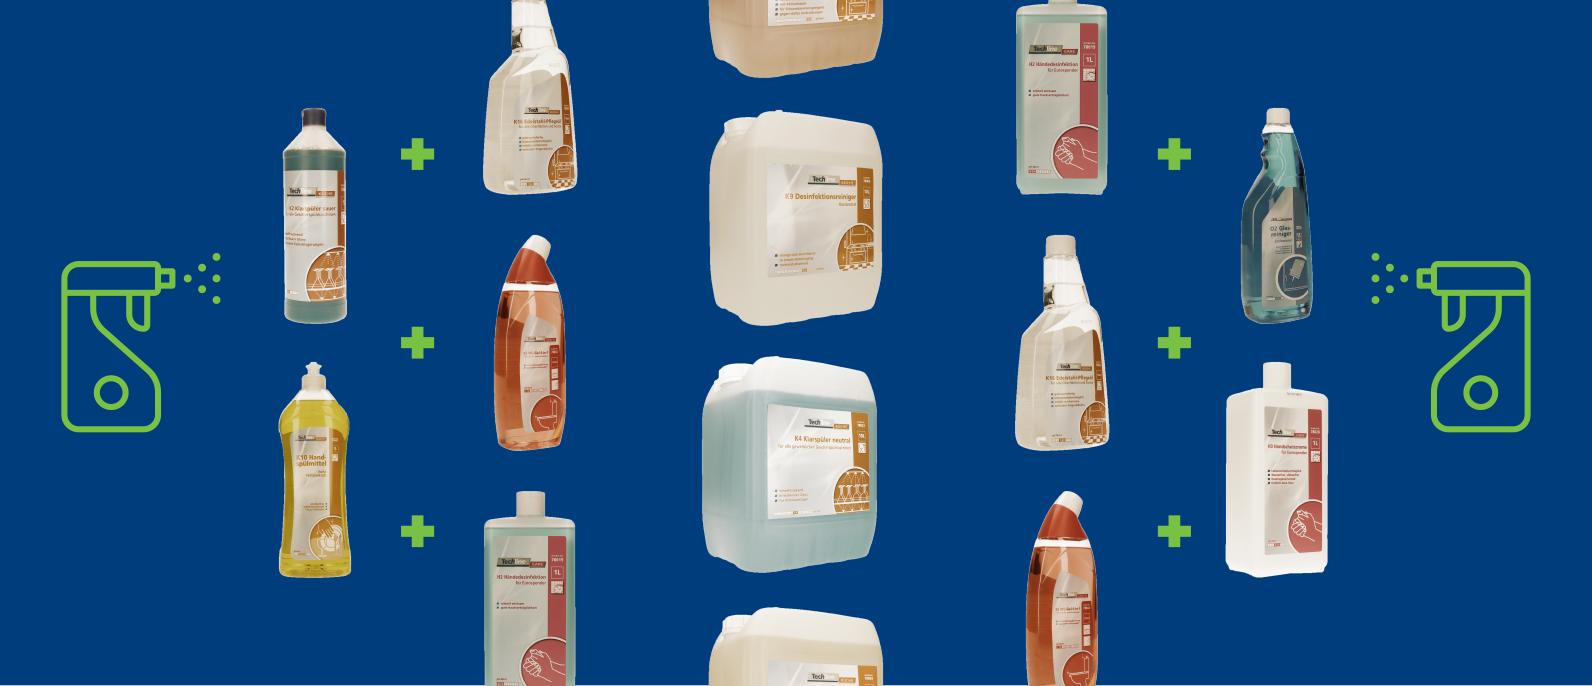 Techline und Techline ECO Reinigungsmittel und Desinfektionsmittel